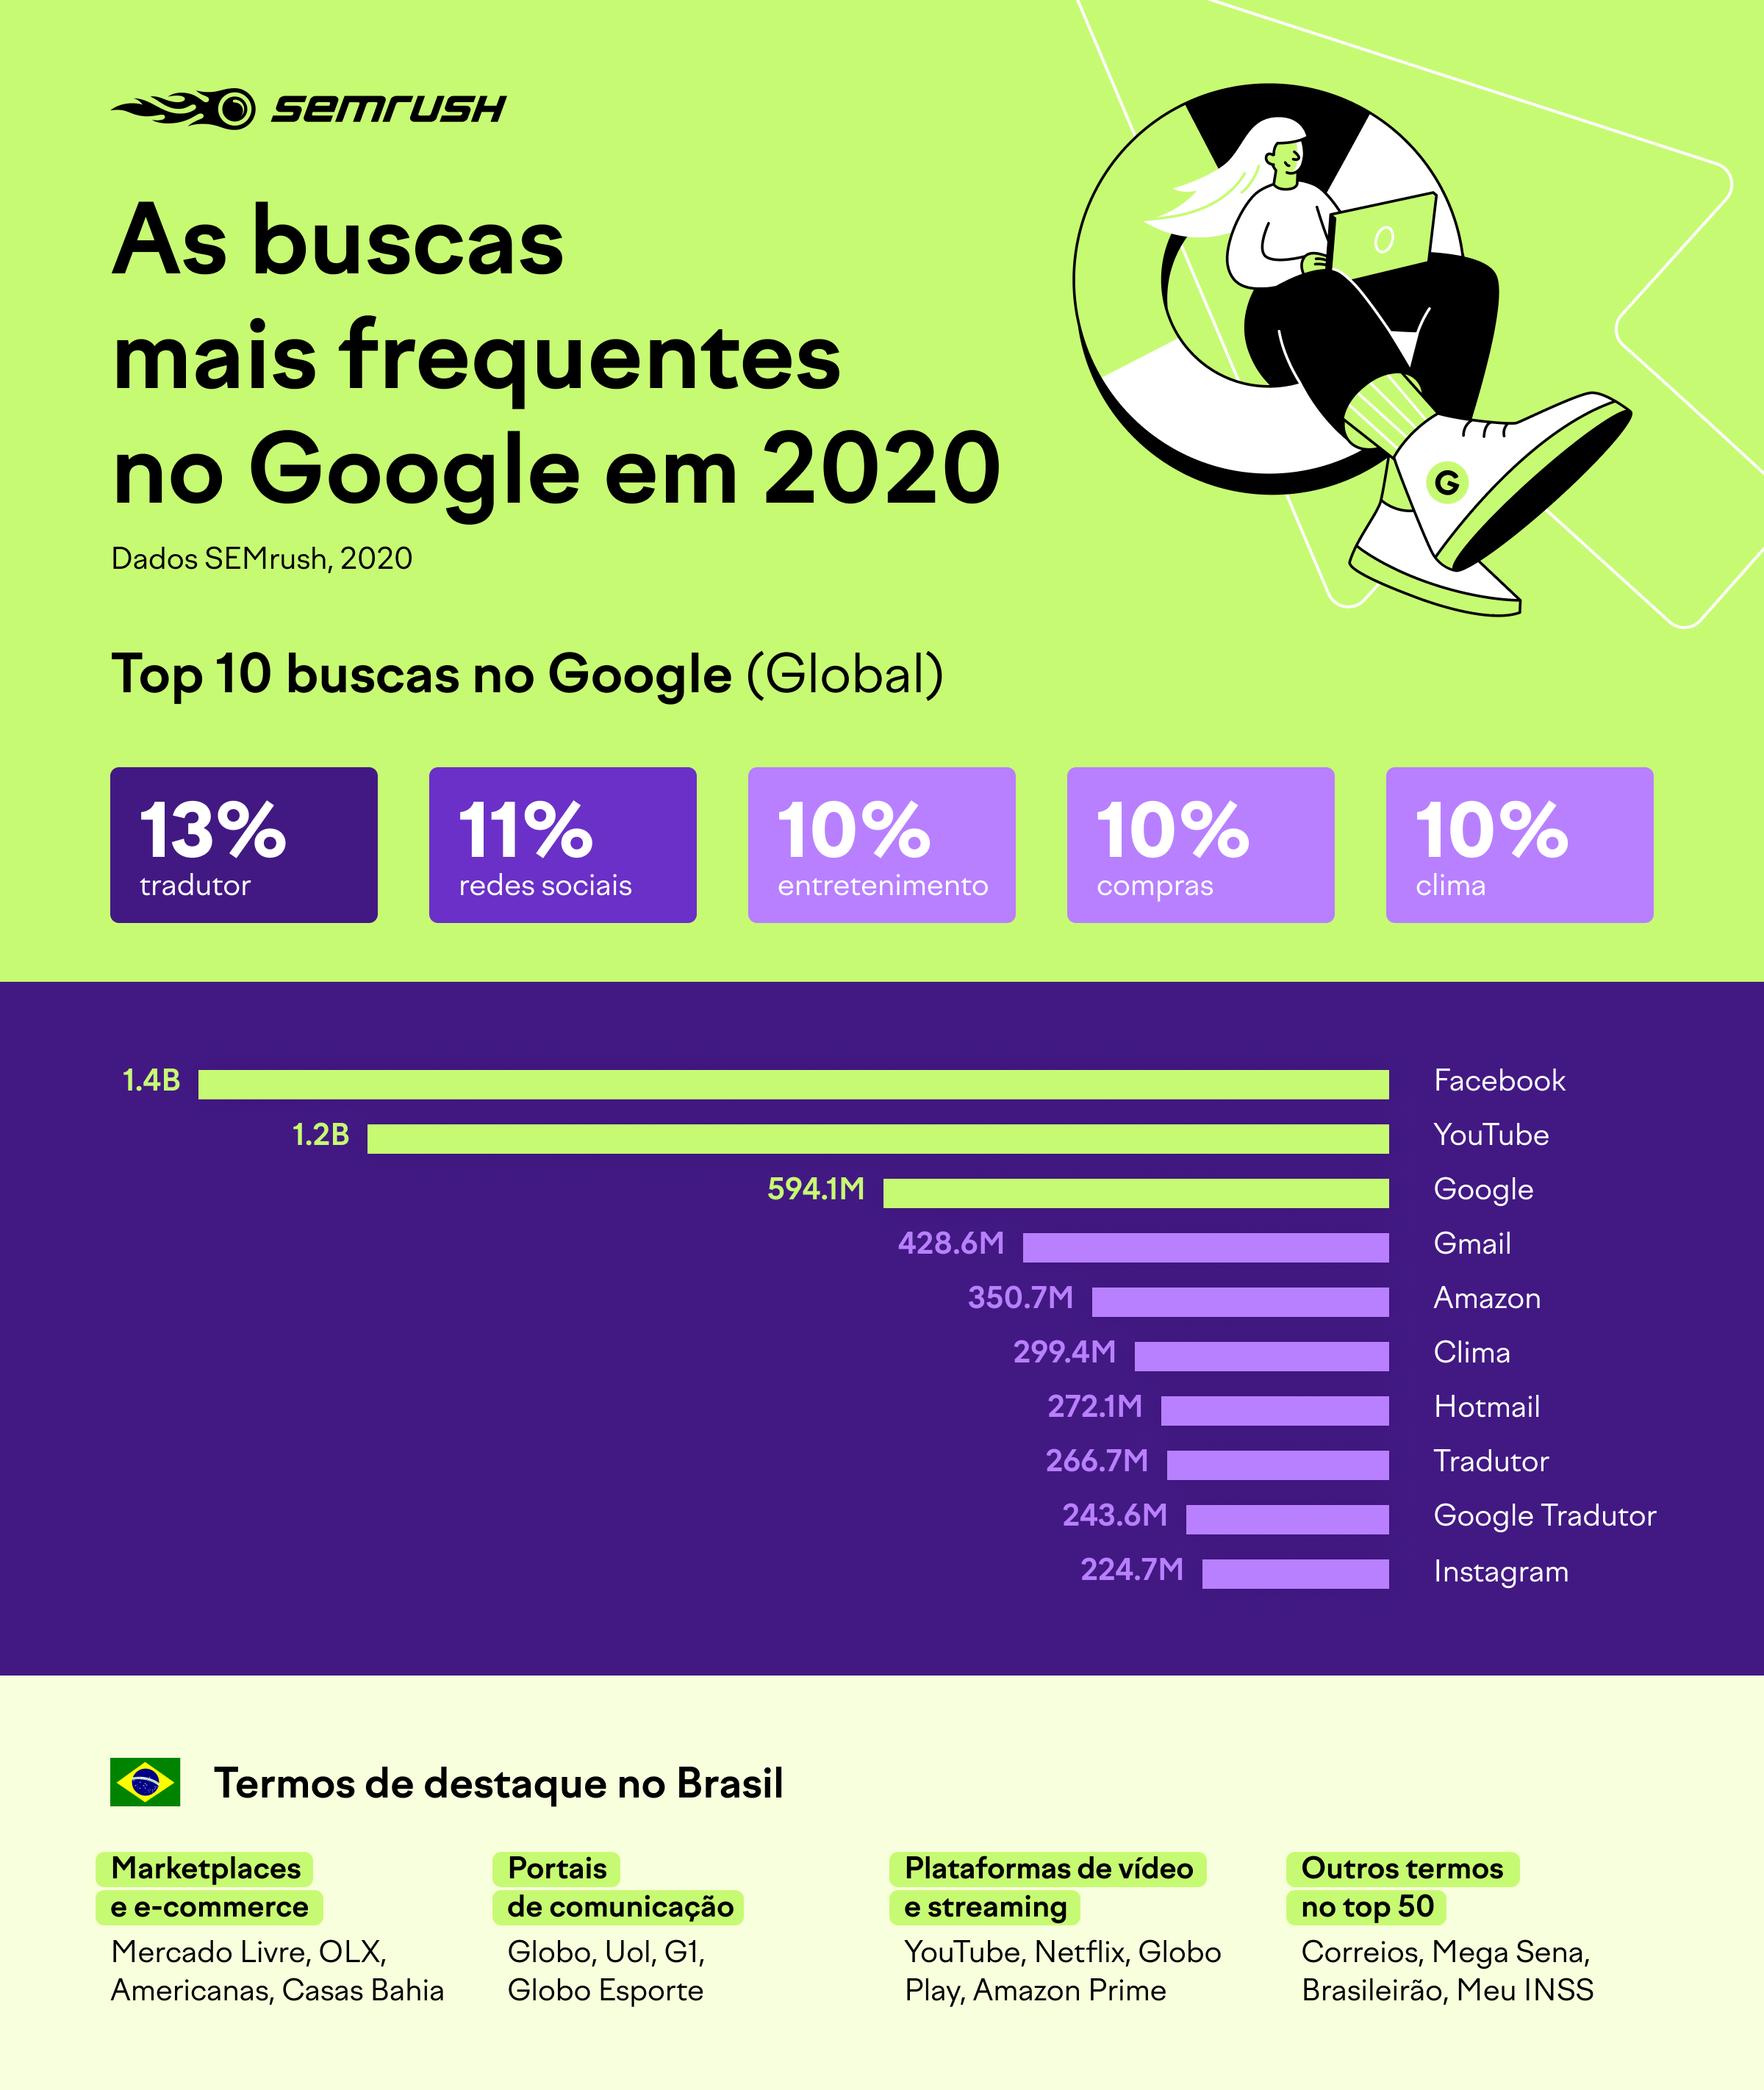 Pesquisas no Google em 2020